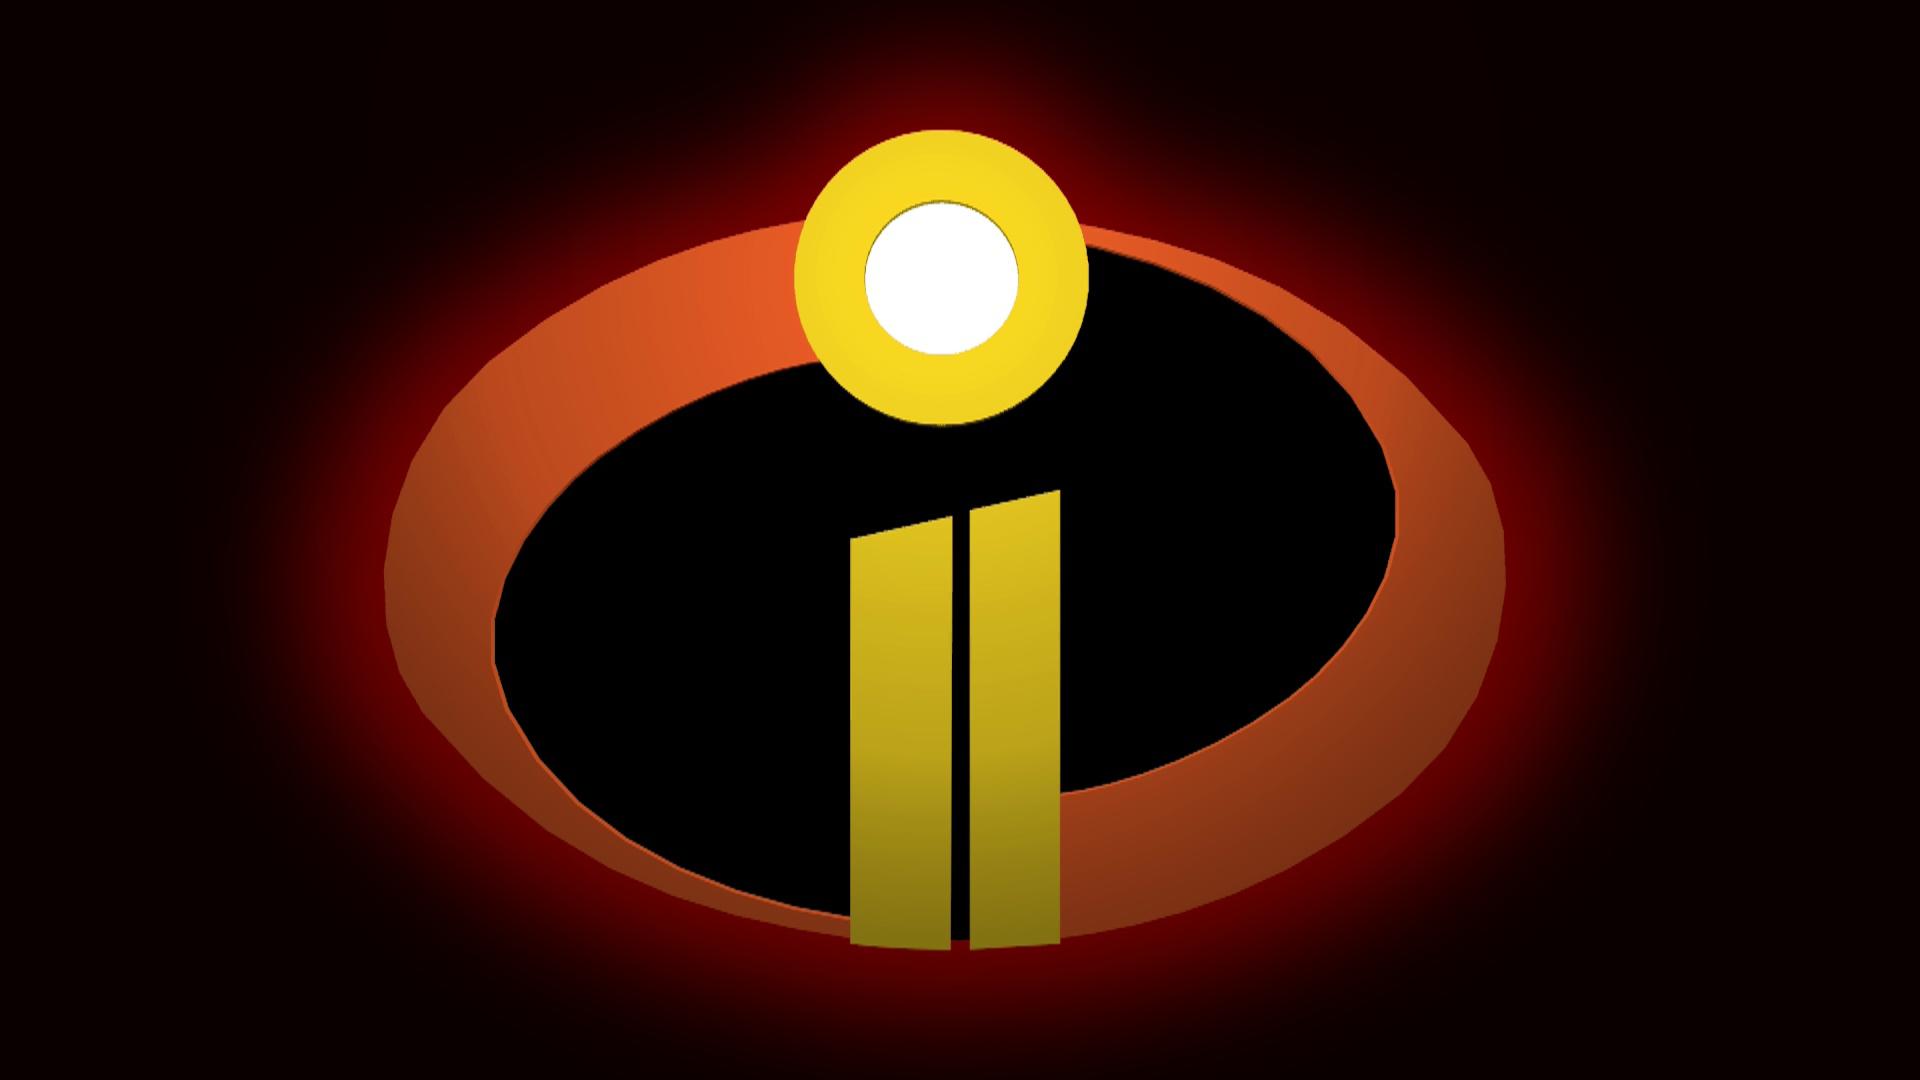 The Incredibles II - 3D-Logo by JubaAj on DeviantArt